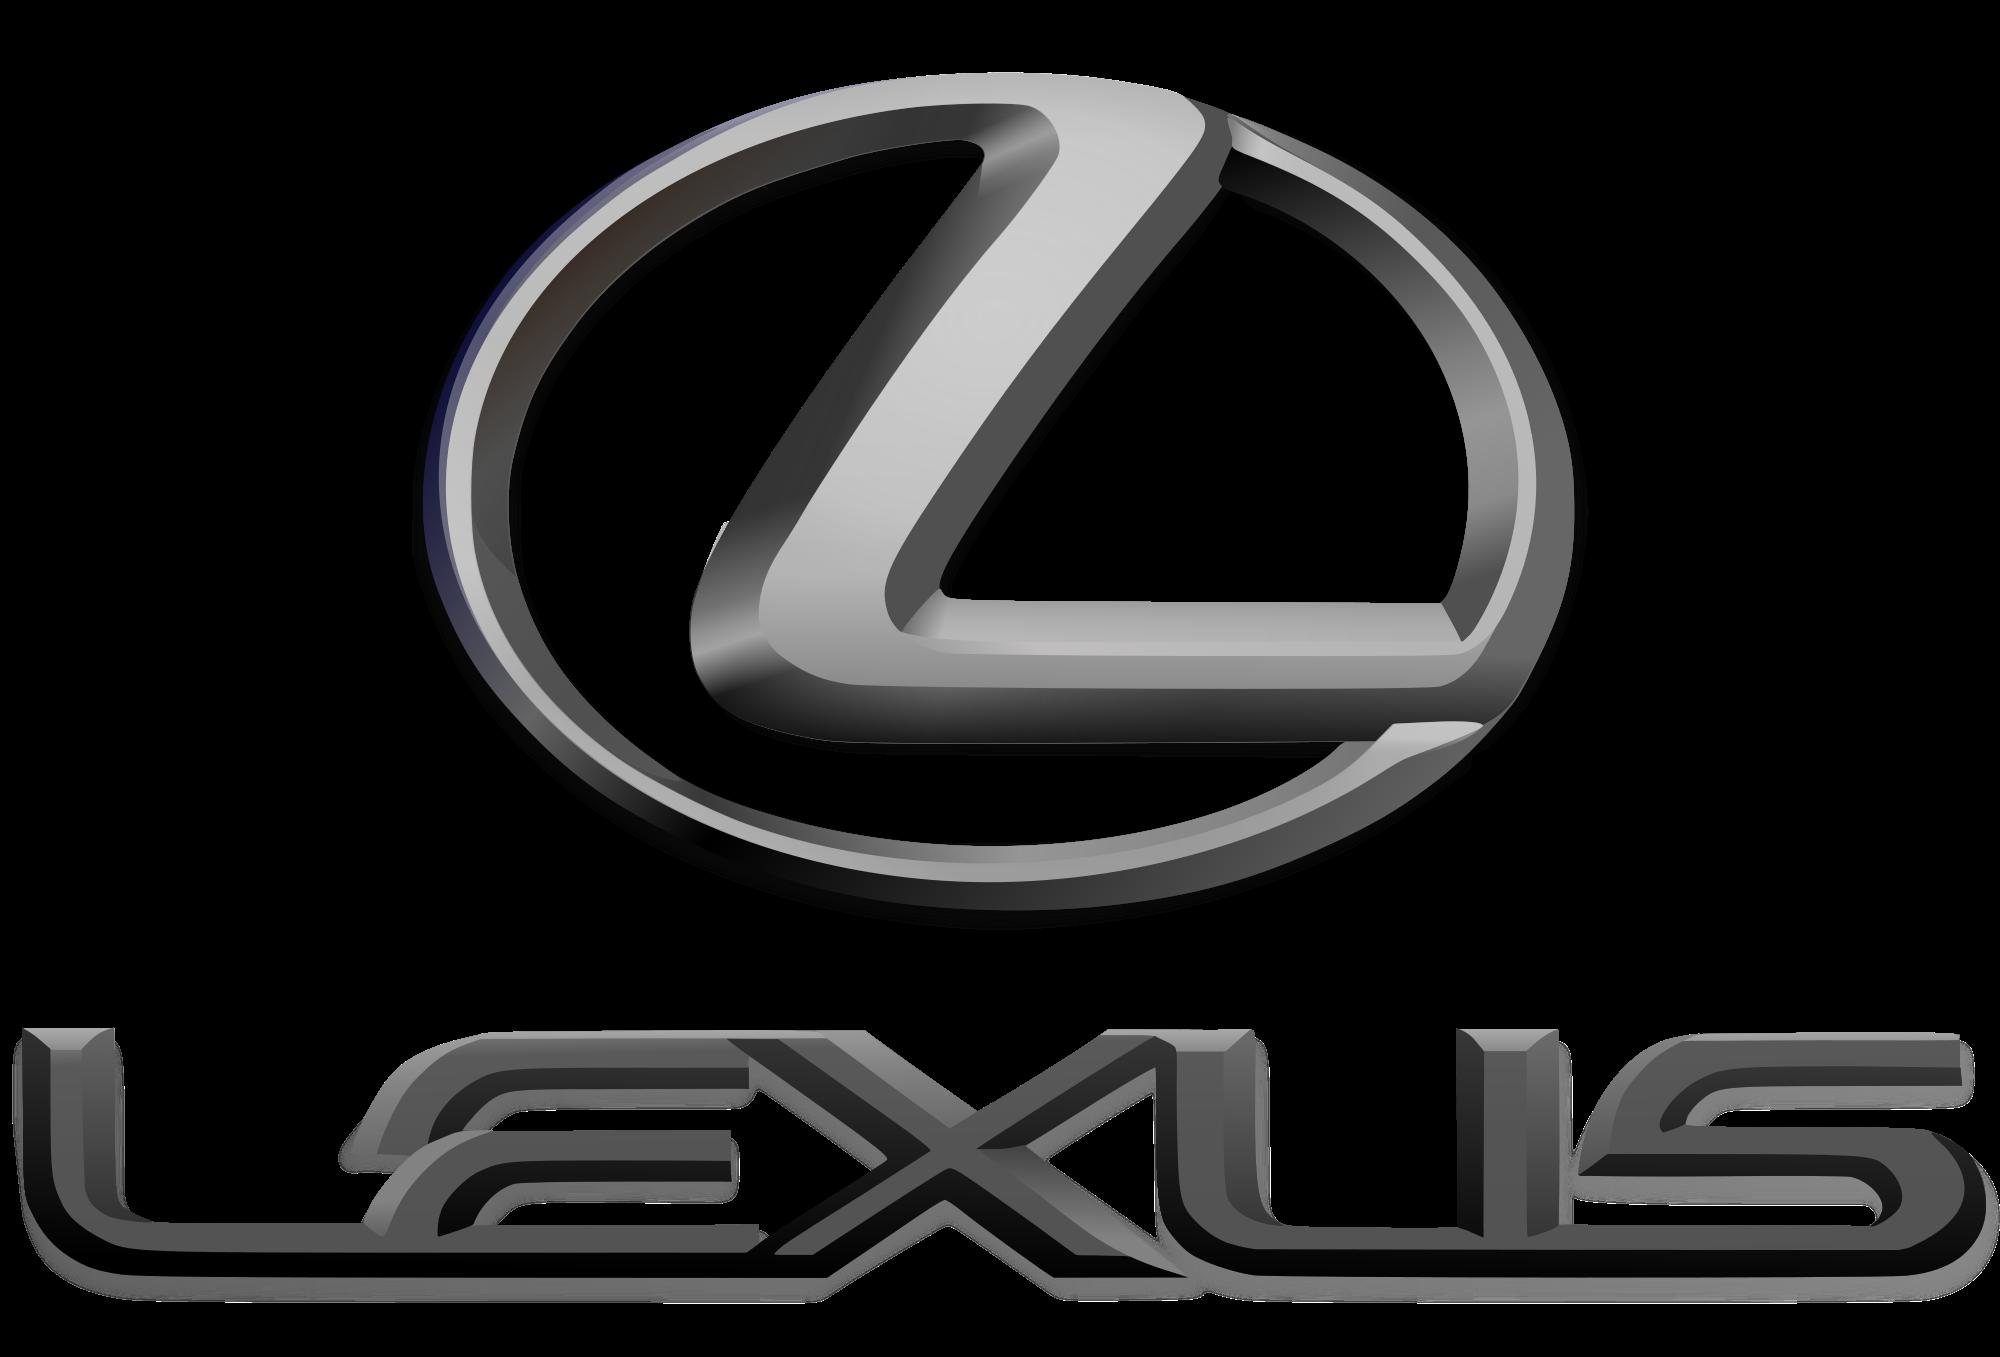 Lexus-logo-3.jpg